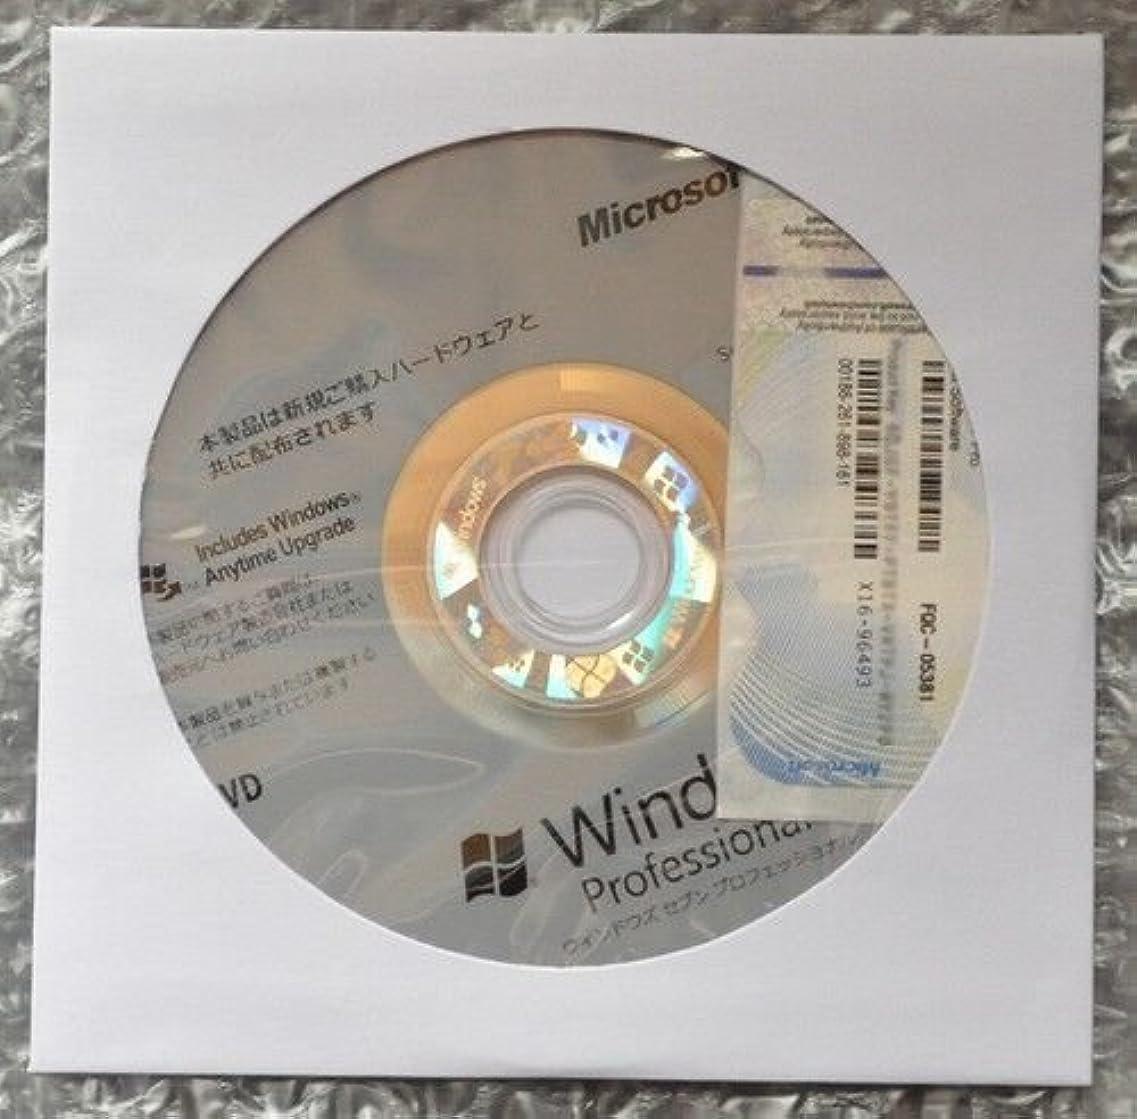 ボーカル単調な追加するWindows7 Professional 64bit SP1 認証キー付